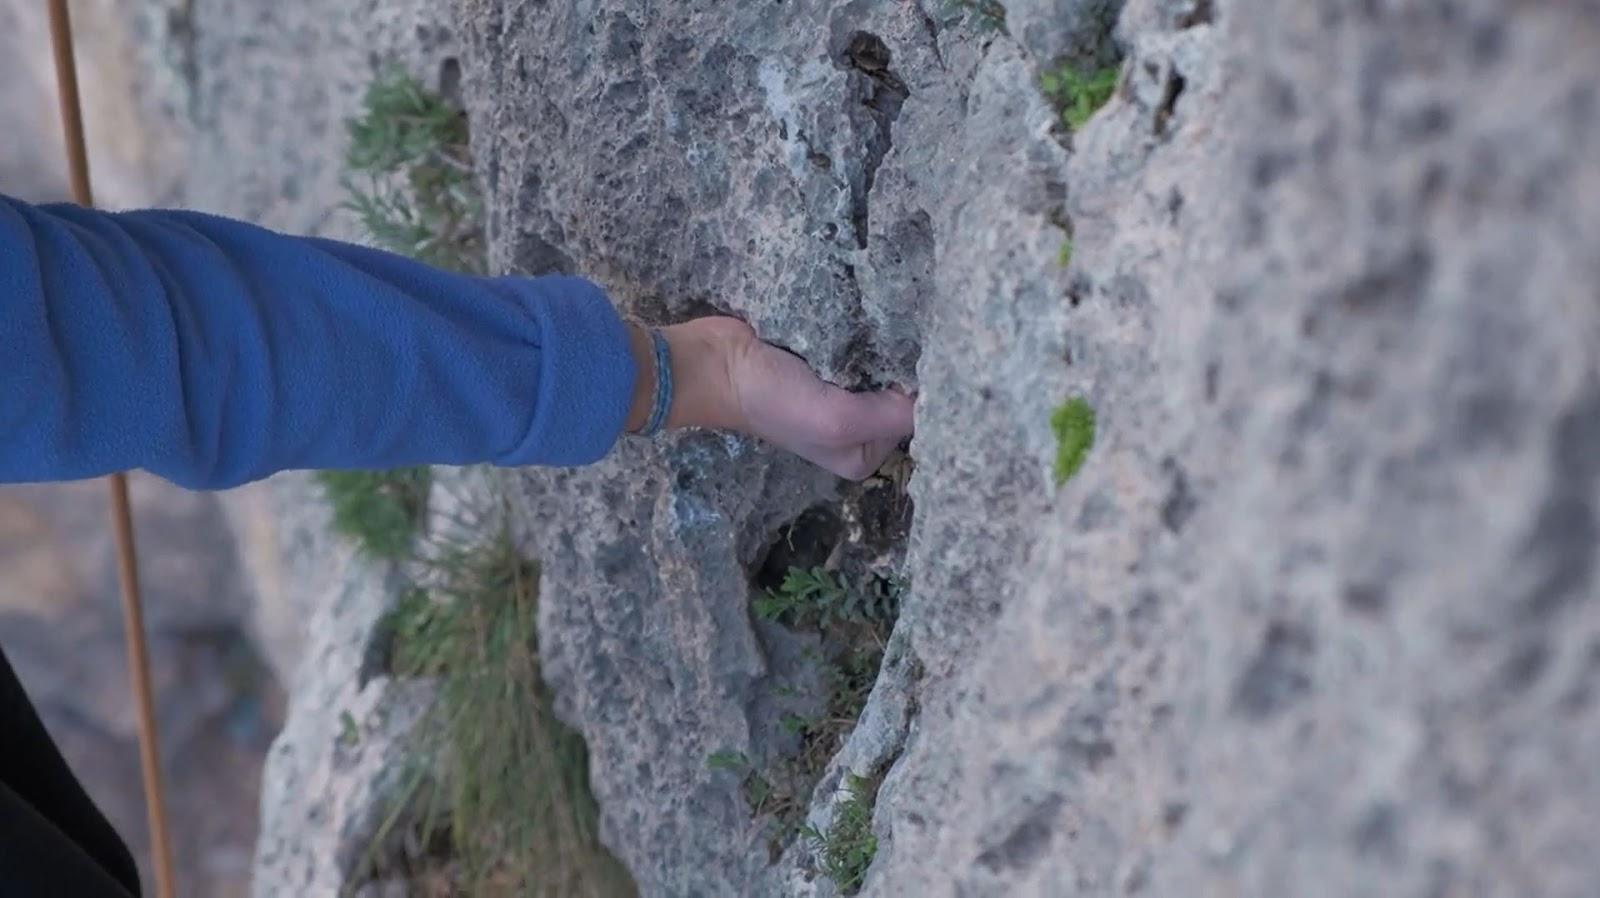 kaya tırmanışı teknikleri alt tutuş (undercling)